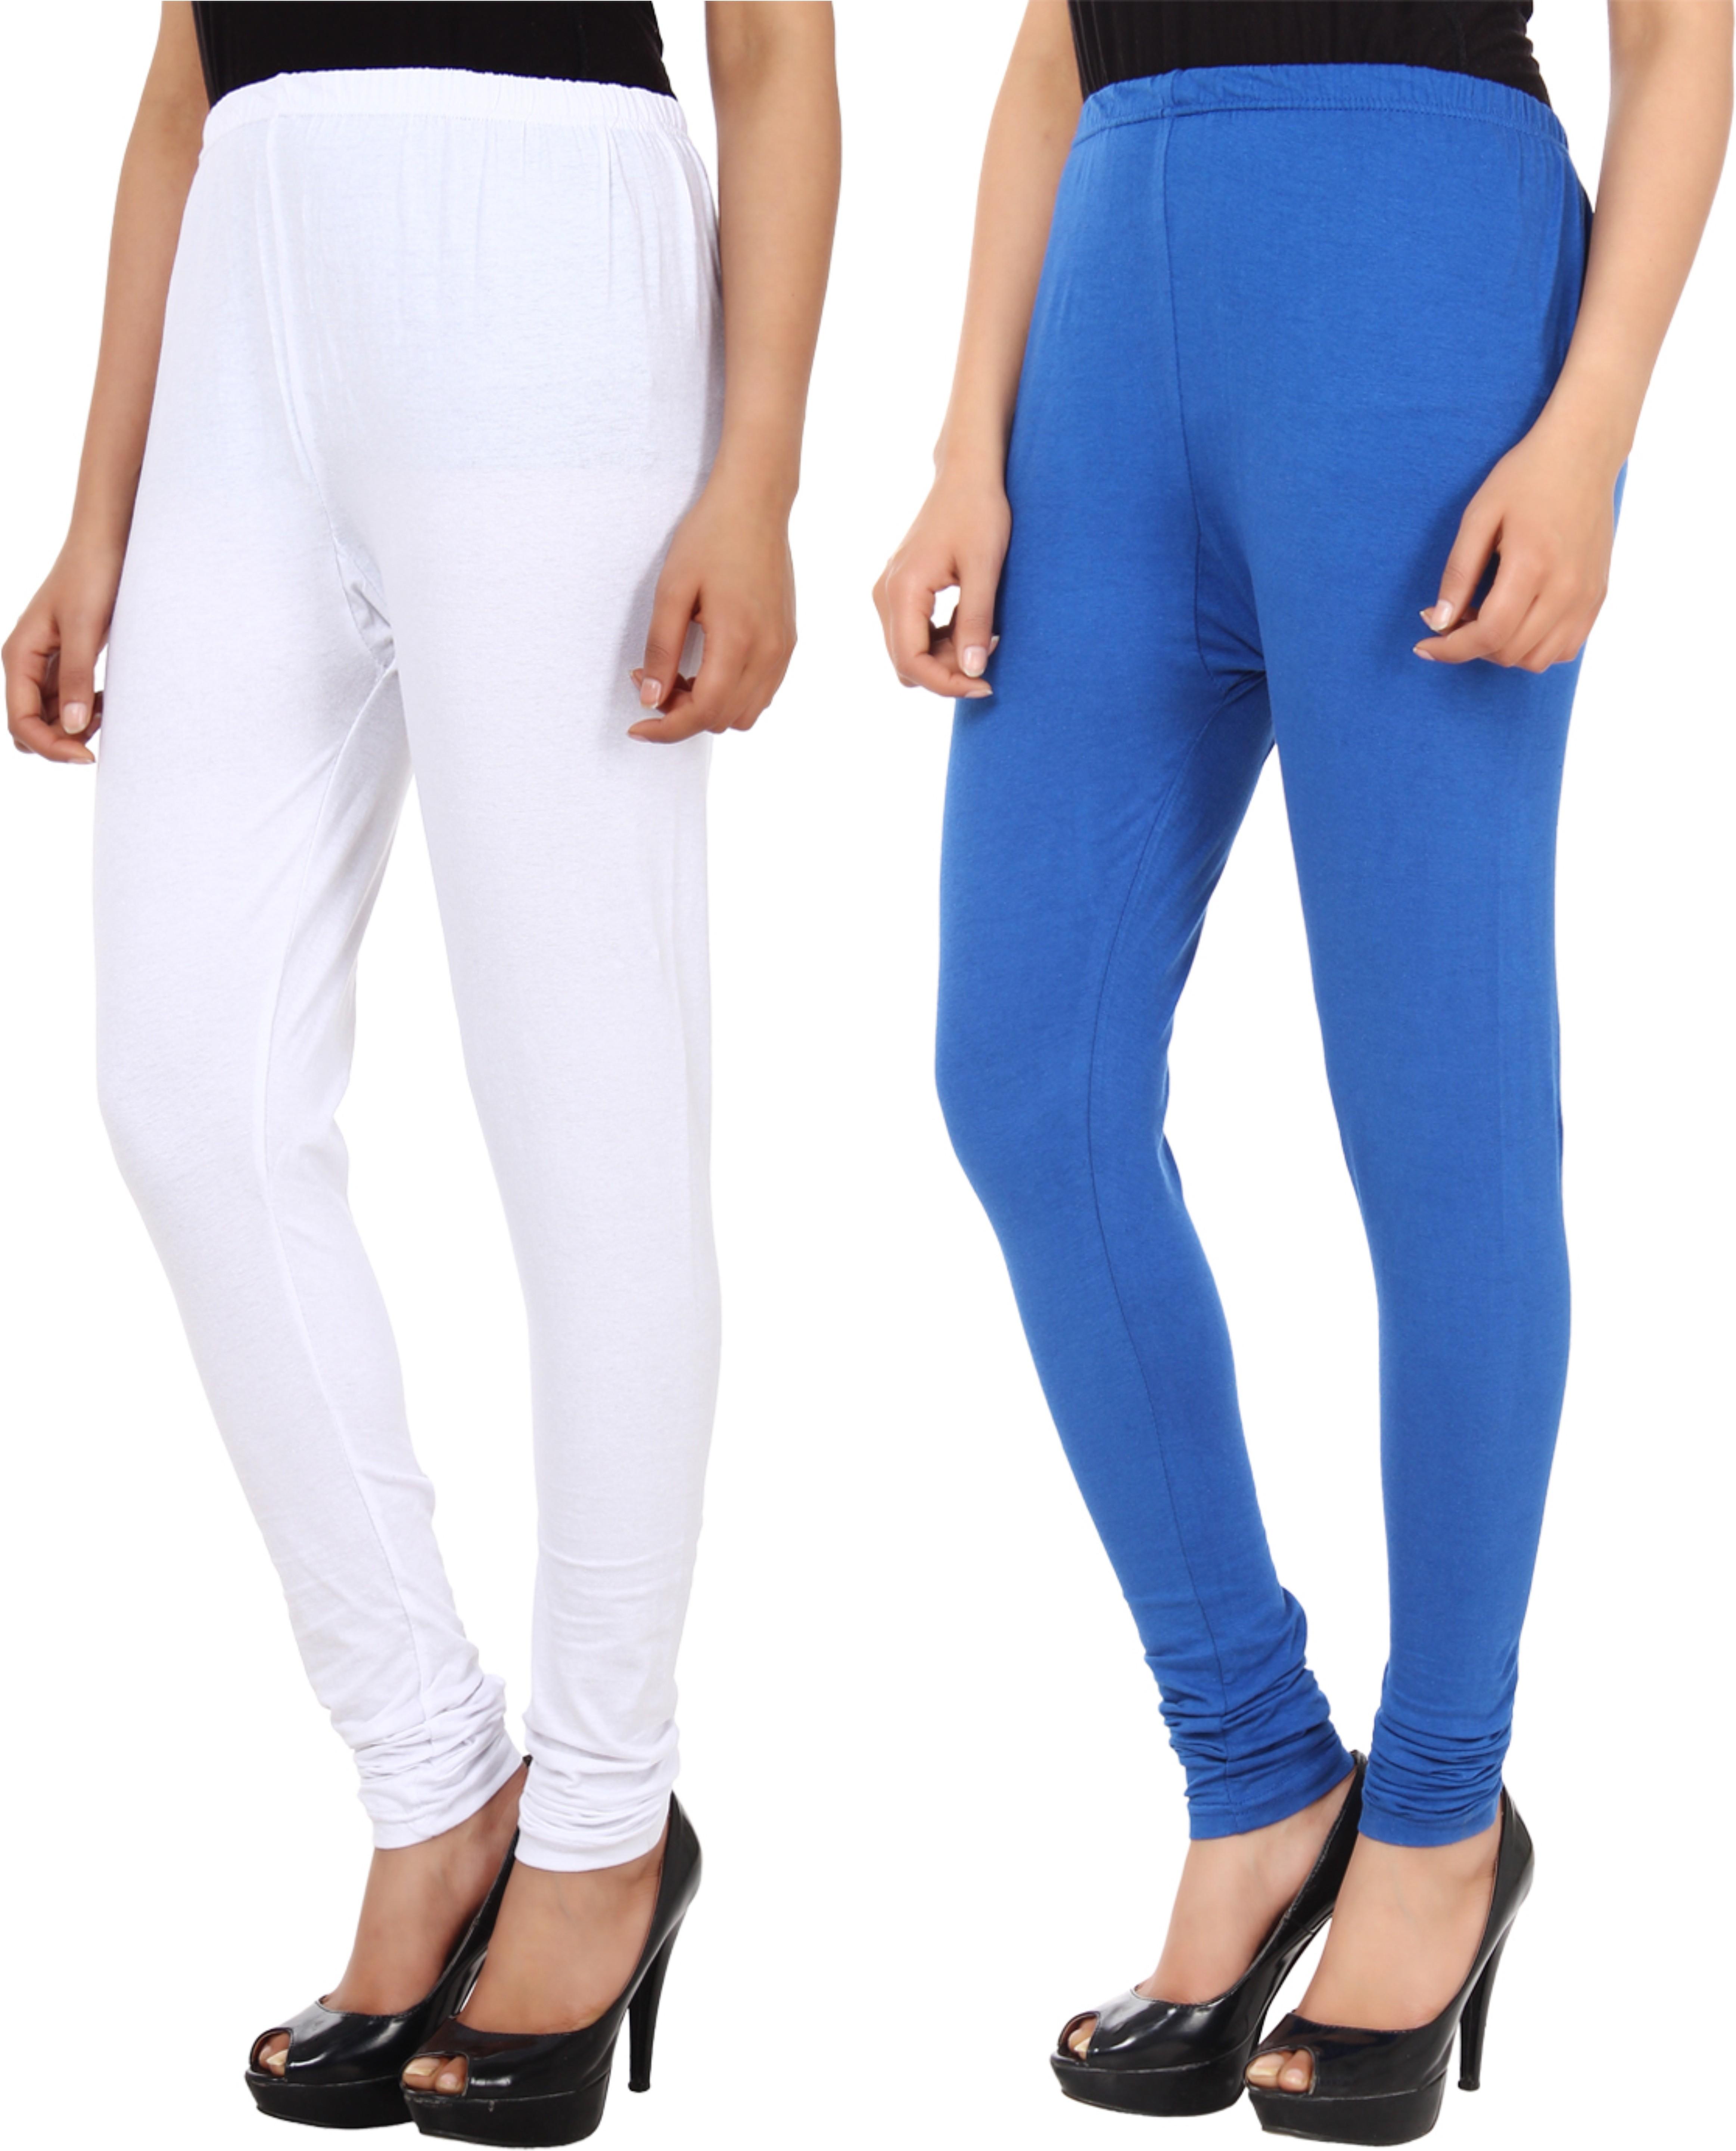 Xpos� Womens White, Blue Leggings(Pack of 2)